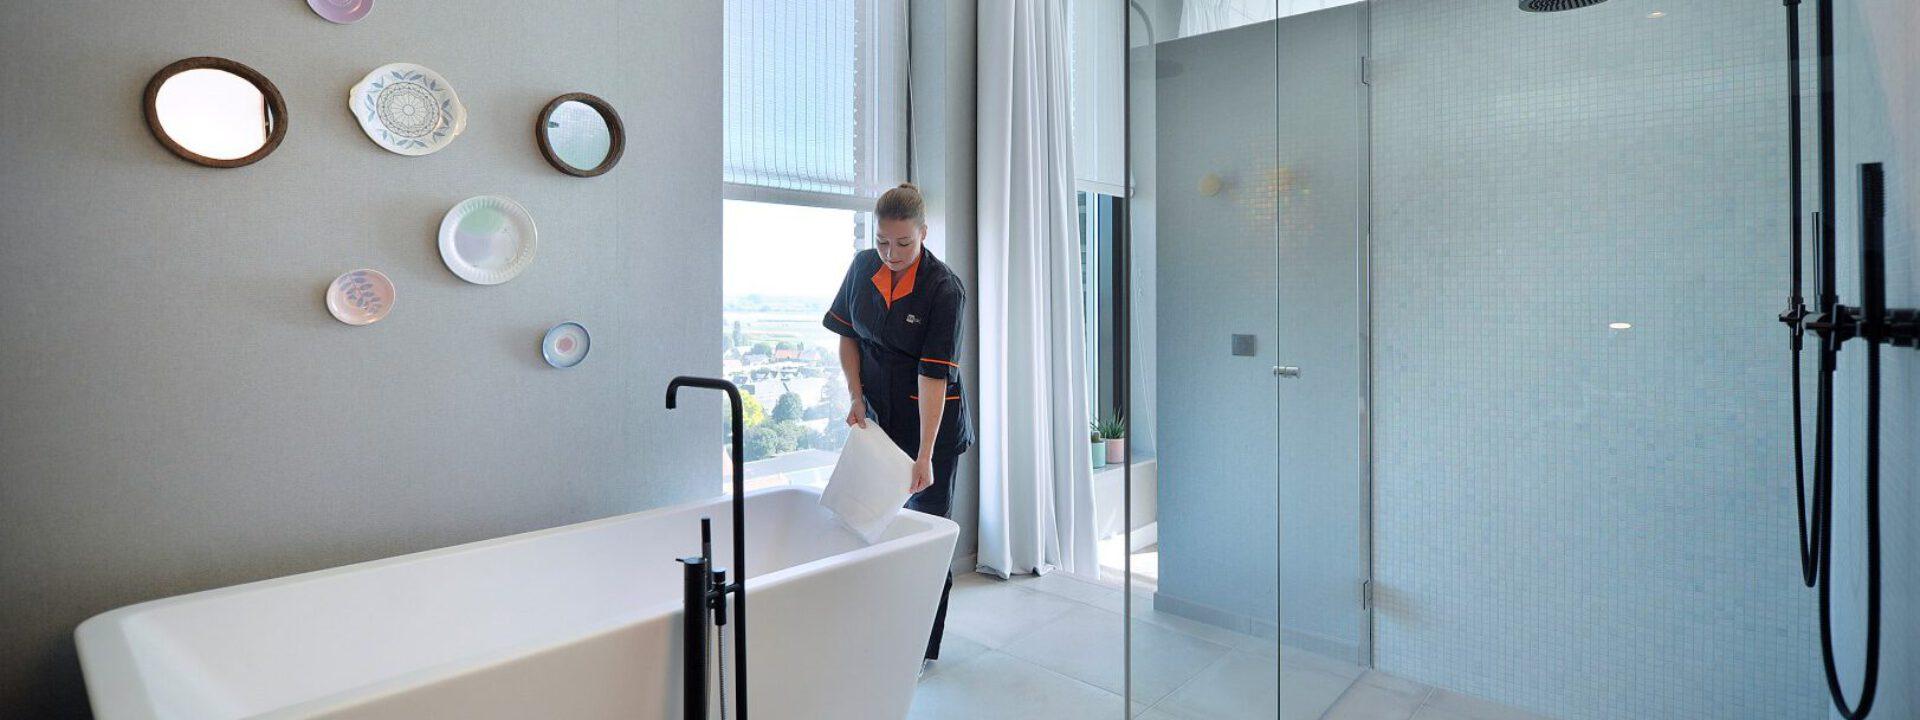 Het 'nieuwe normaal' in hotelschoonmaak